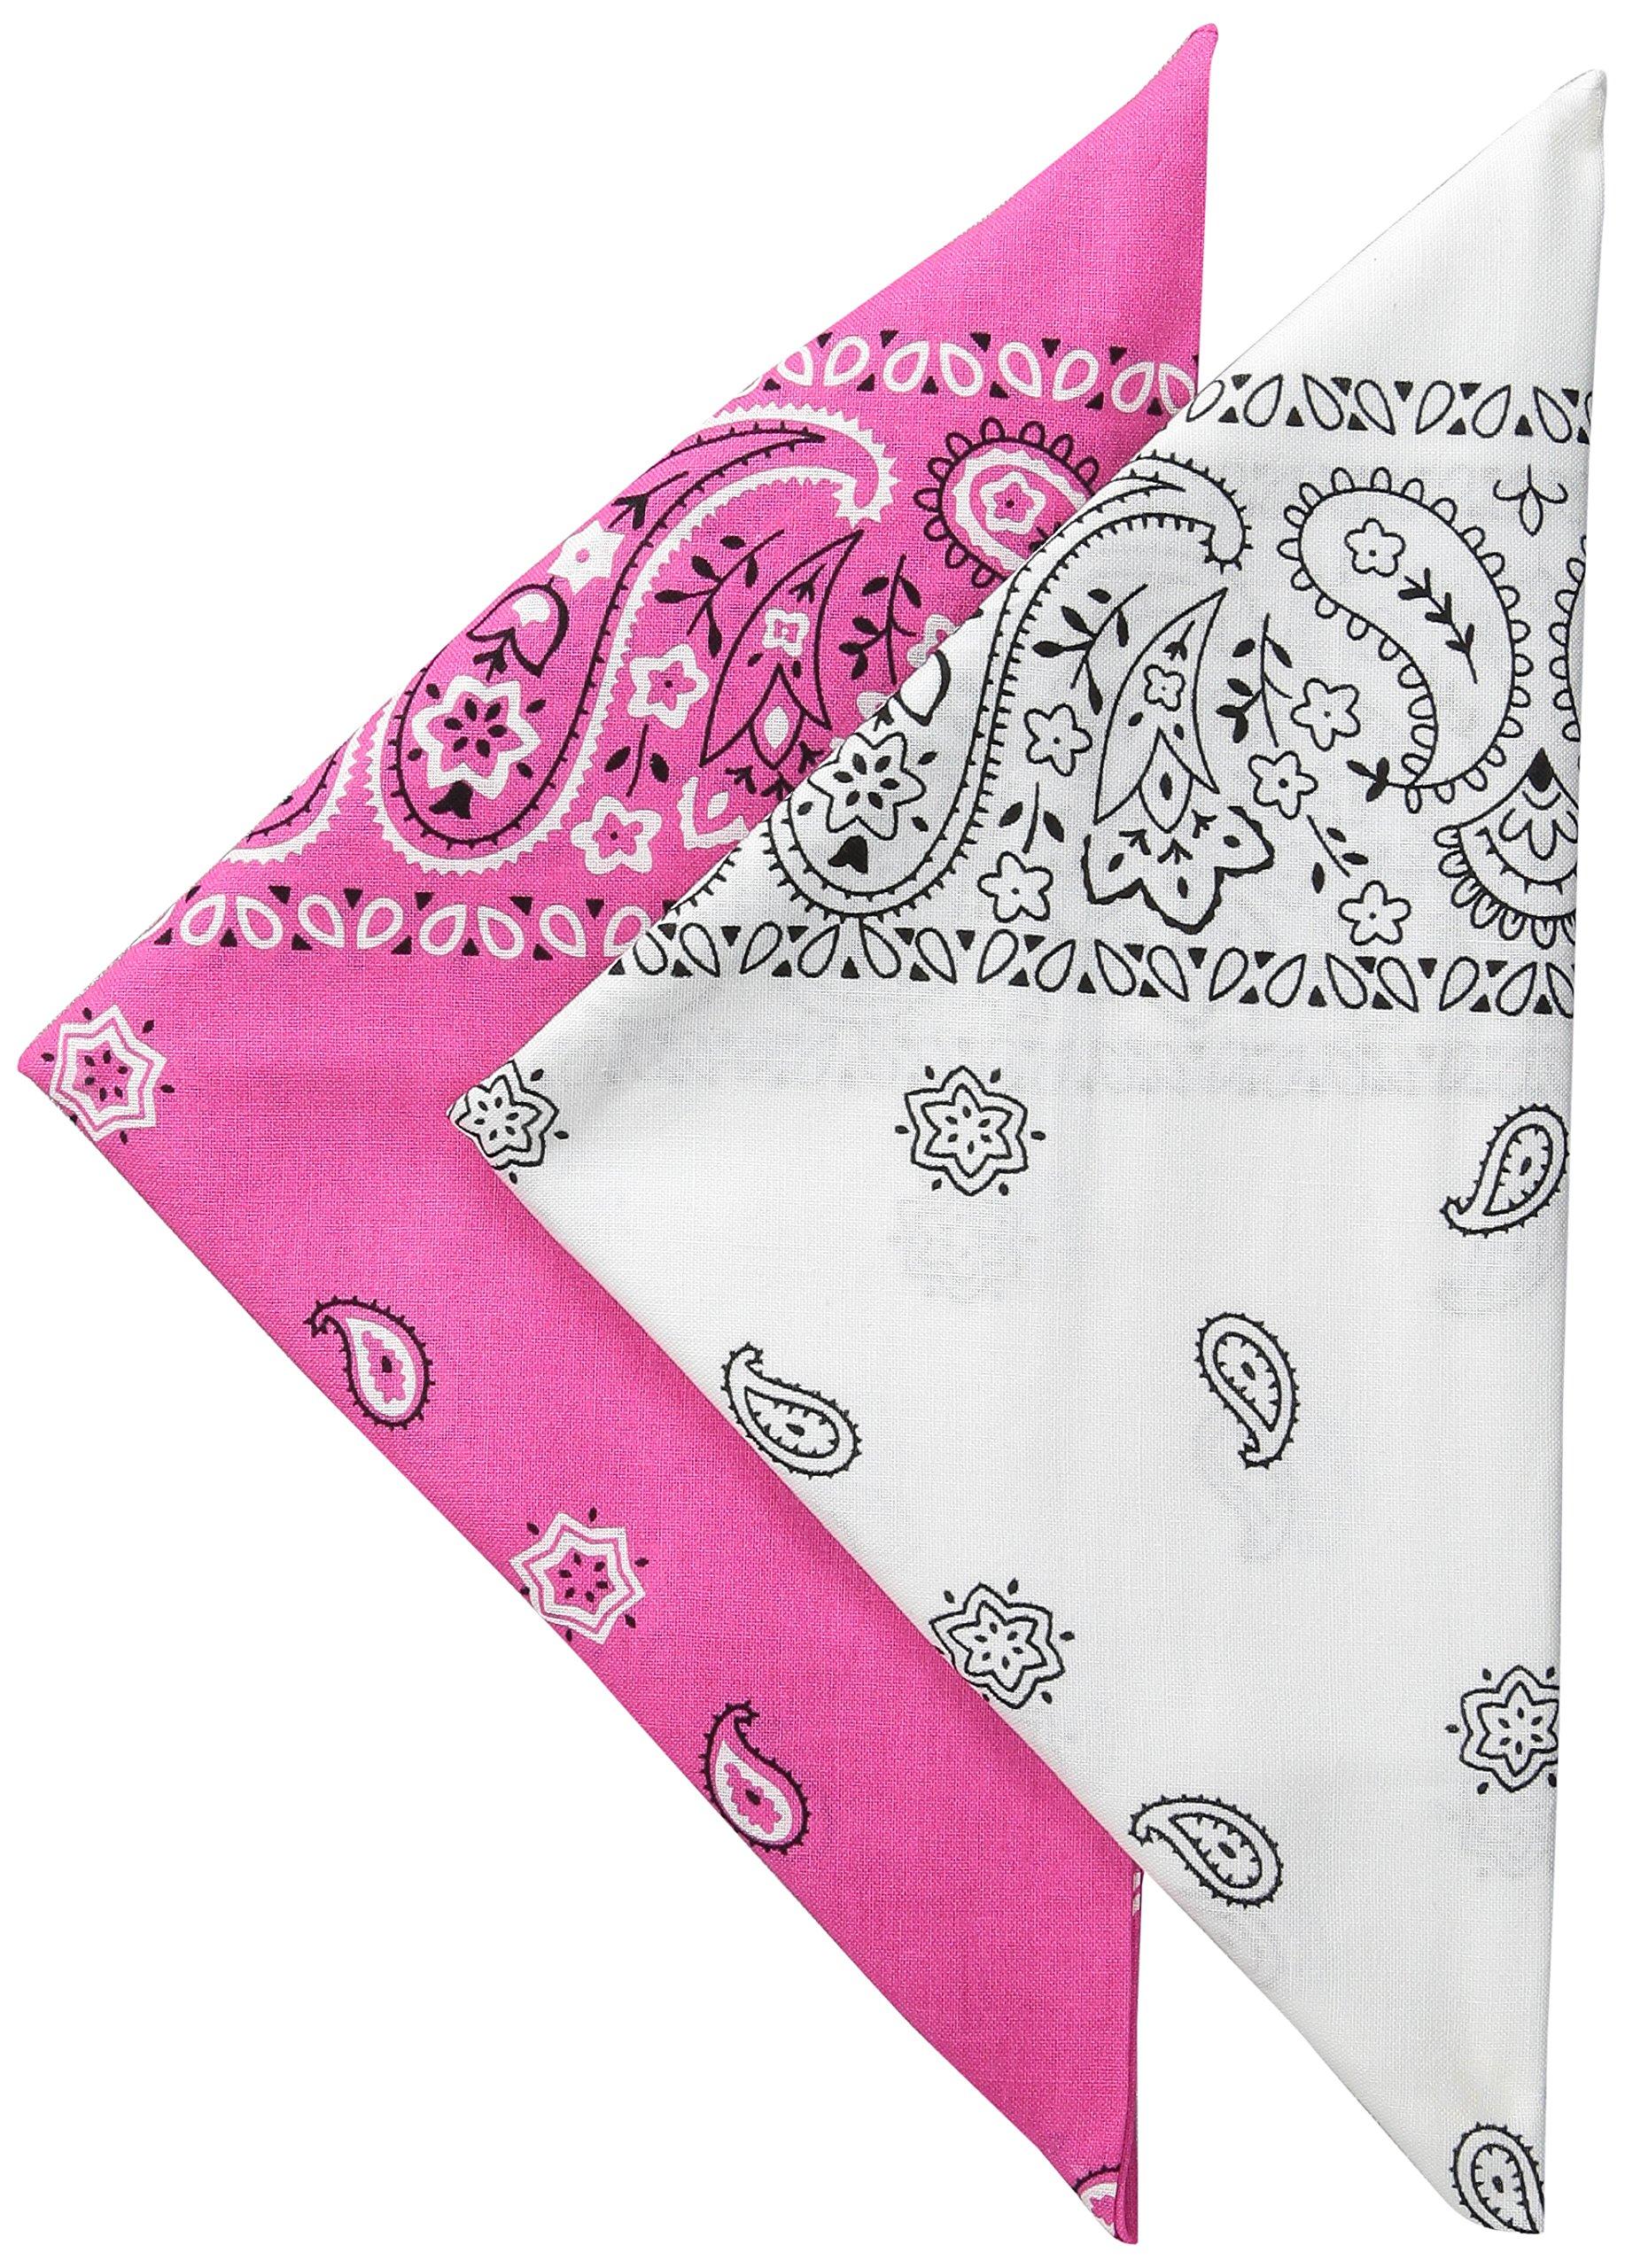 Pink Bandana Amazon